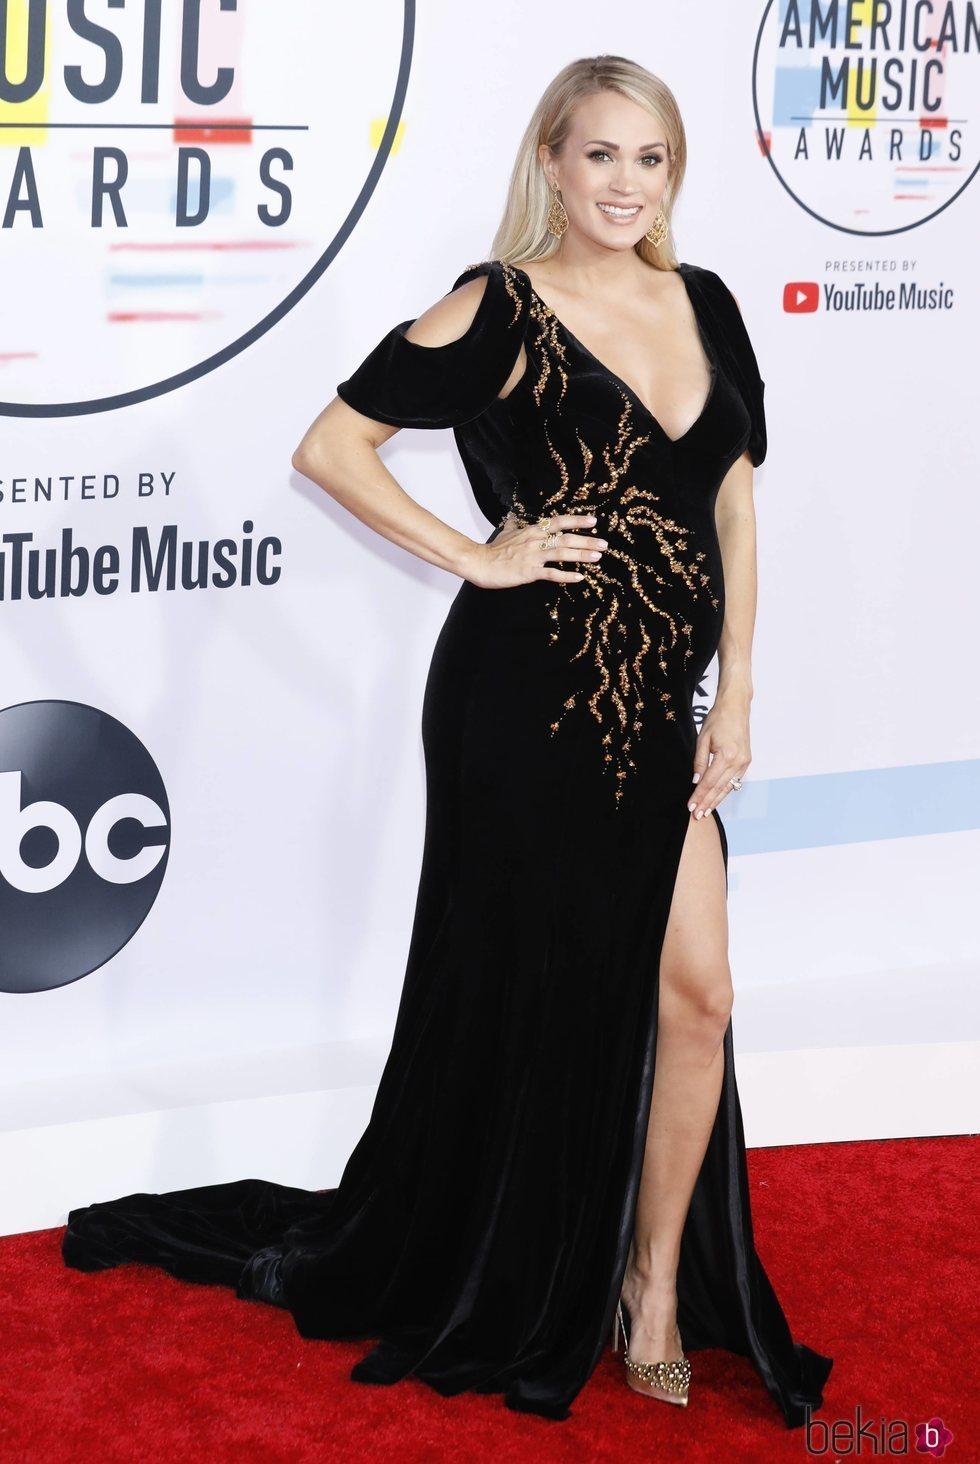 Carrie Underwood luciendo embarazo en los American Music Awards 2018